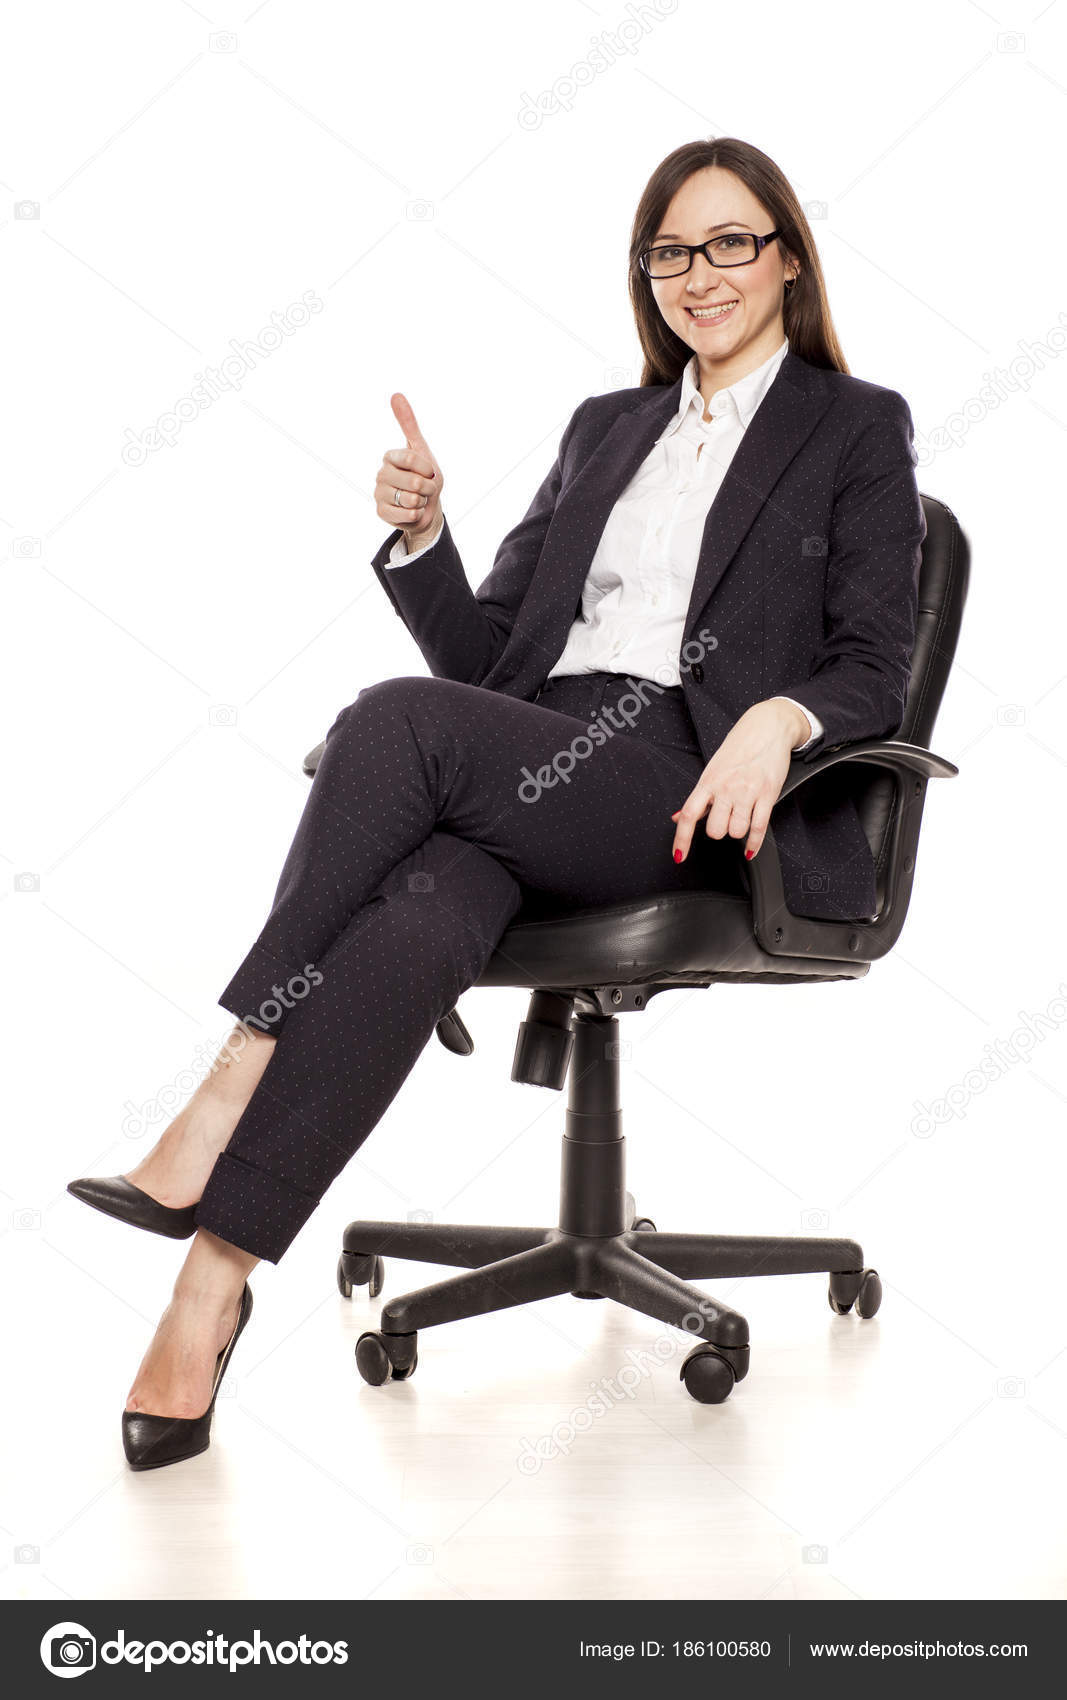 Heureux Chaise Bureau Affaires Une Pouce Vers Femme Dans Montrant ukXZPi